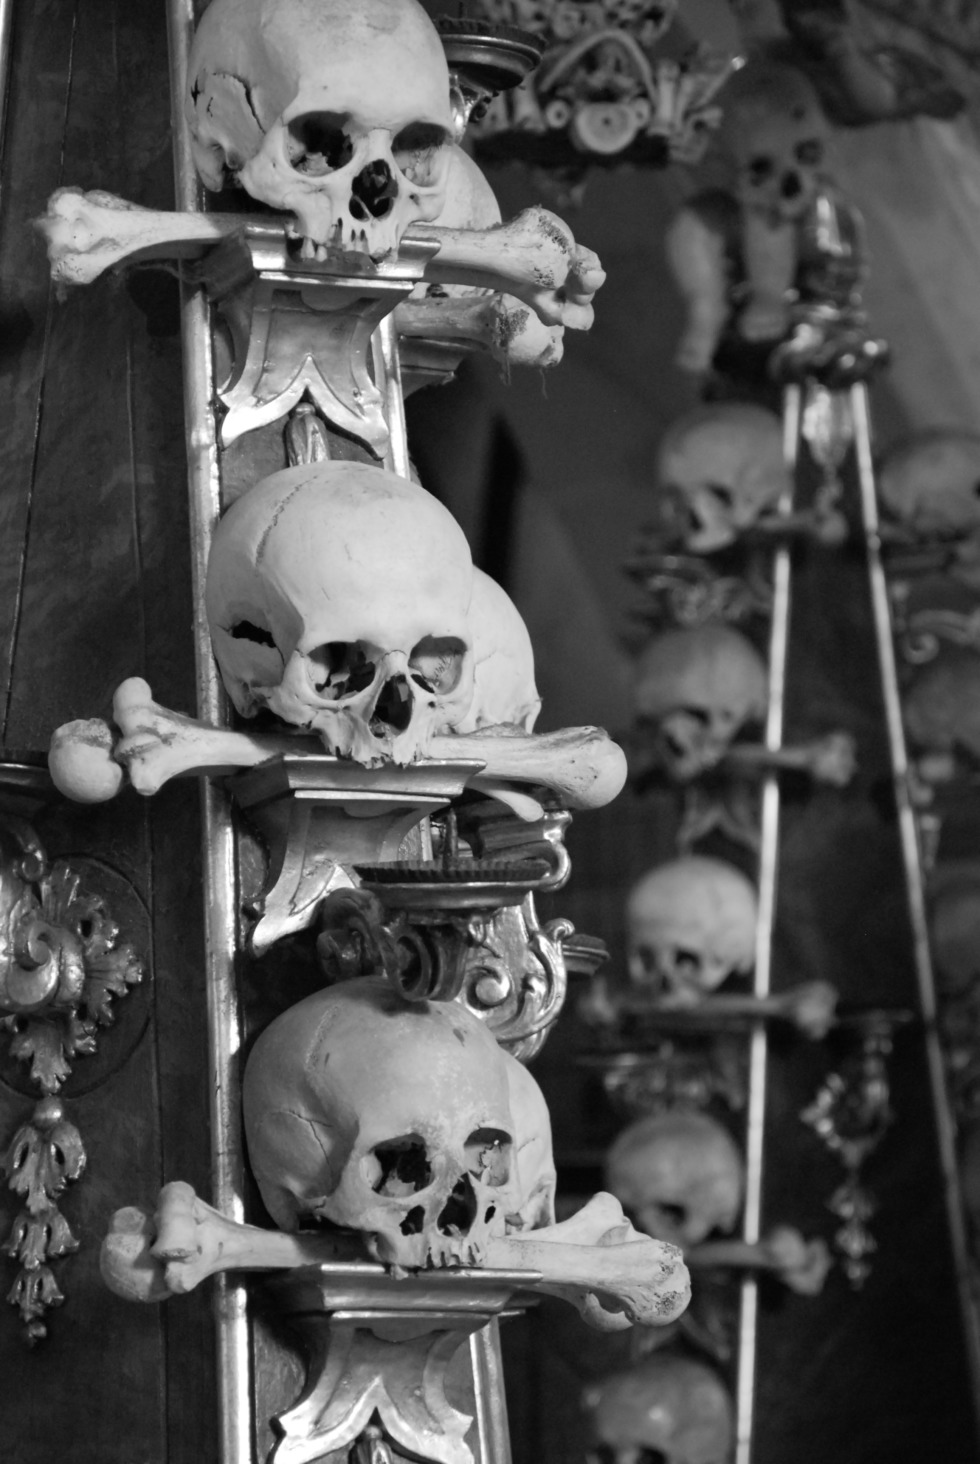 Stapled skulls